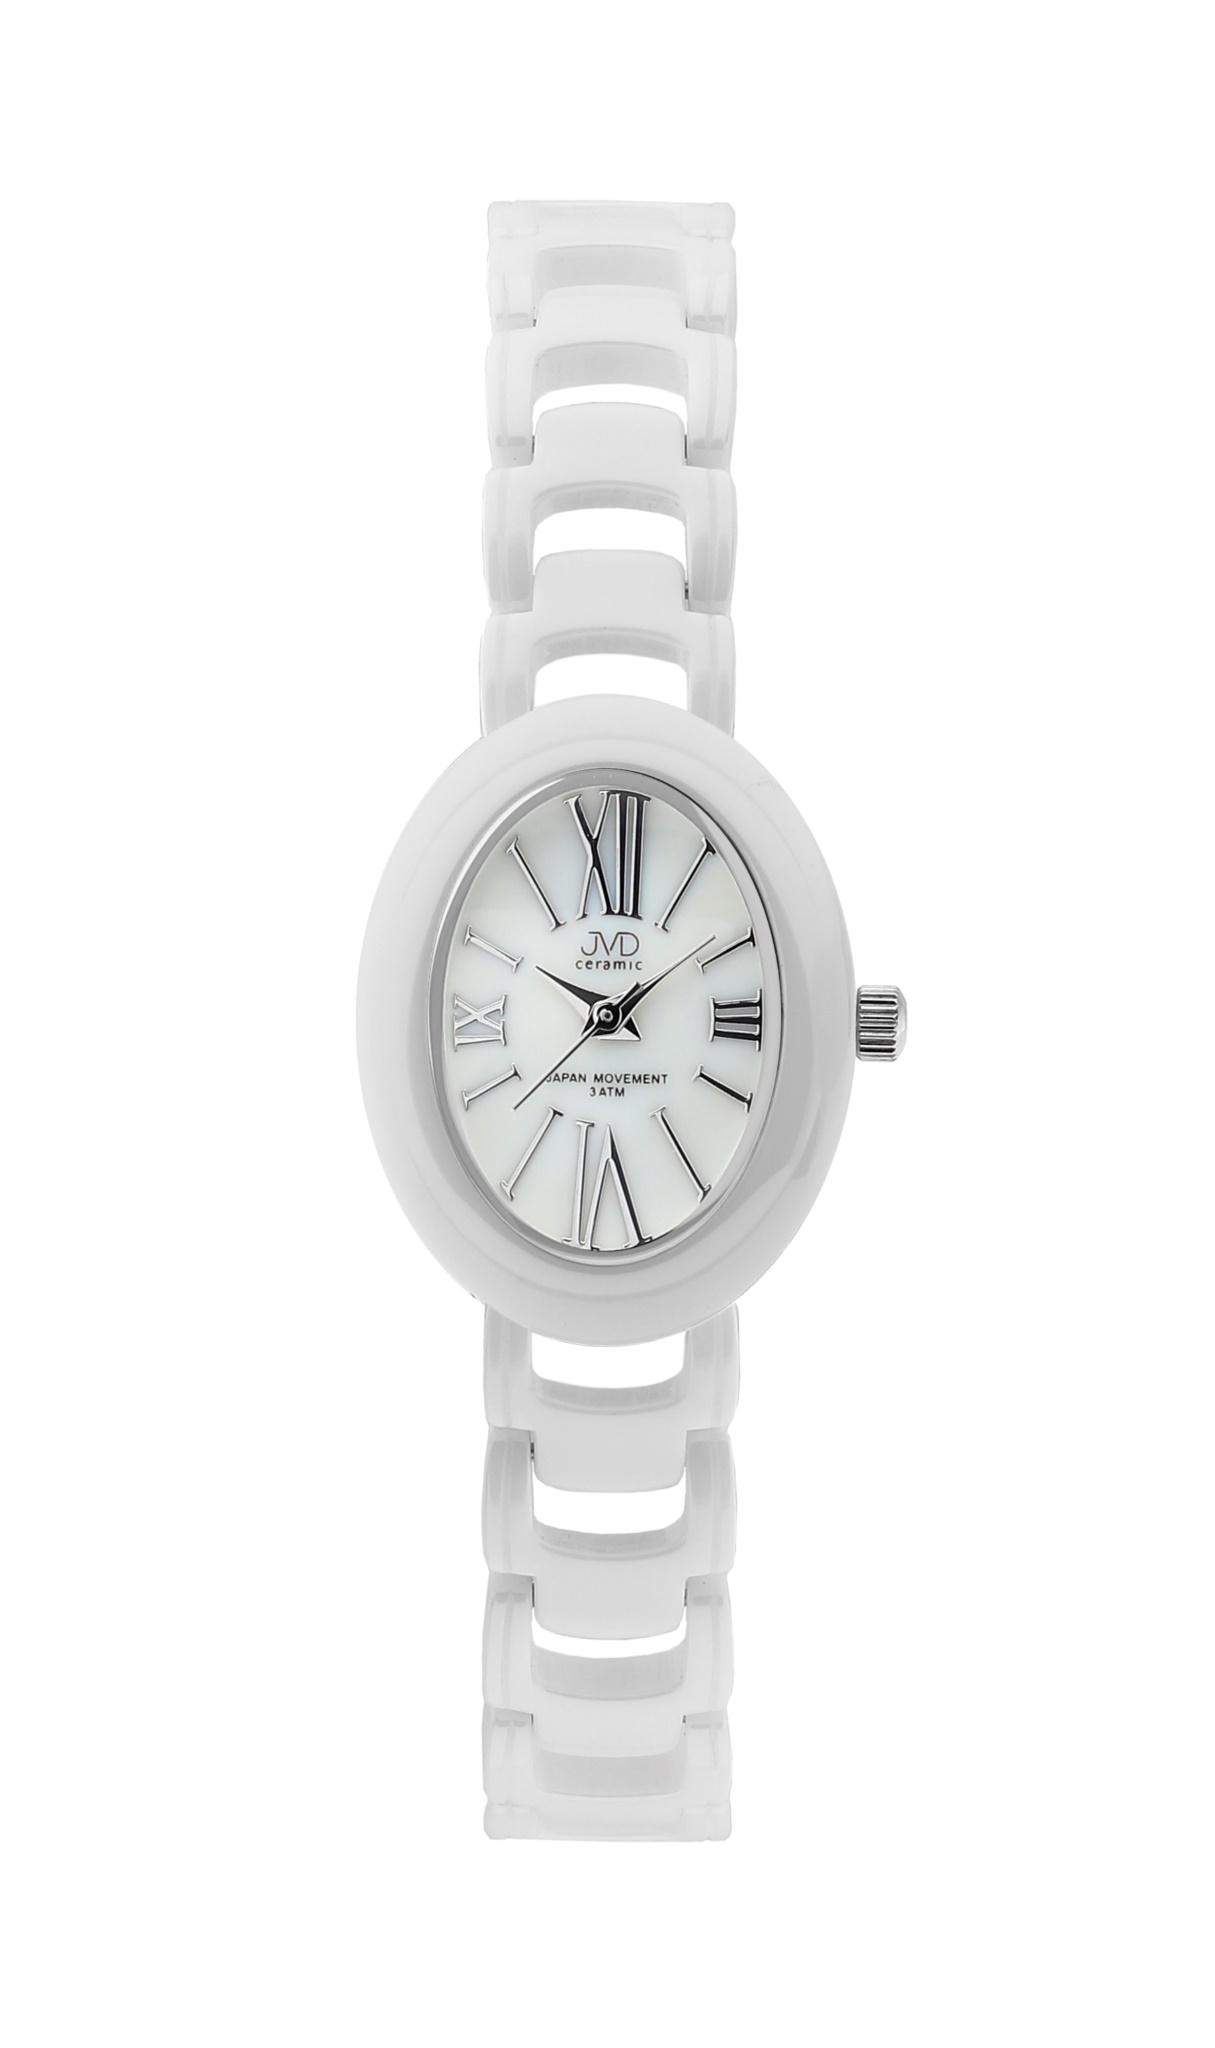 e9c917f2b8a Luxusní keramické dámské náramkové bílé hodinky JVD ceramic J6010.3